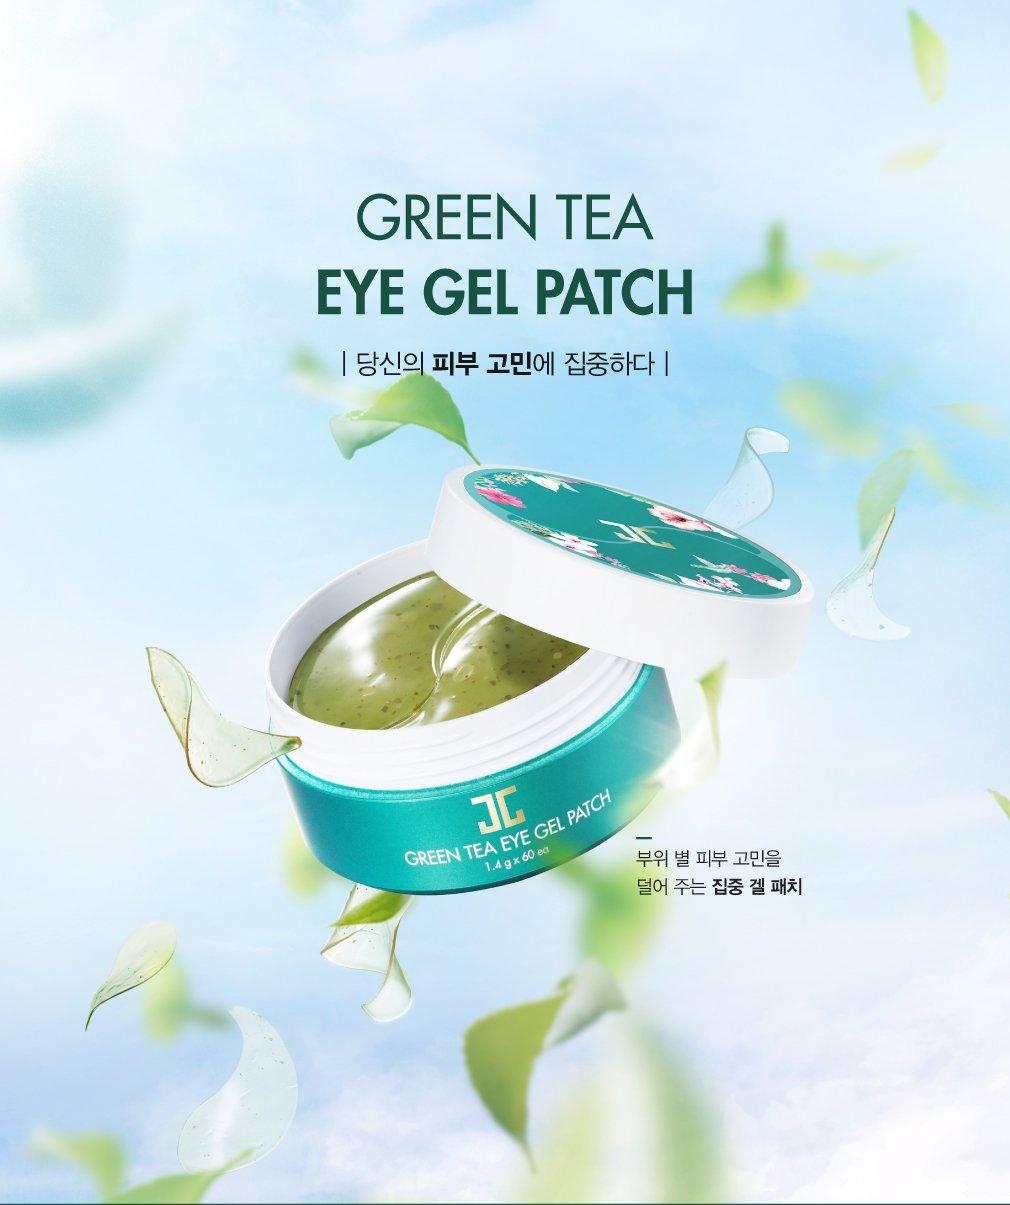 Mặt Nạ Mắt Jayjun Green Tea Eye Gel Patch